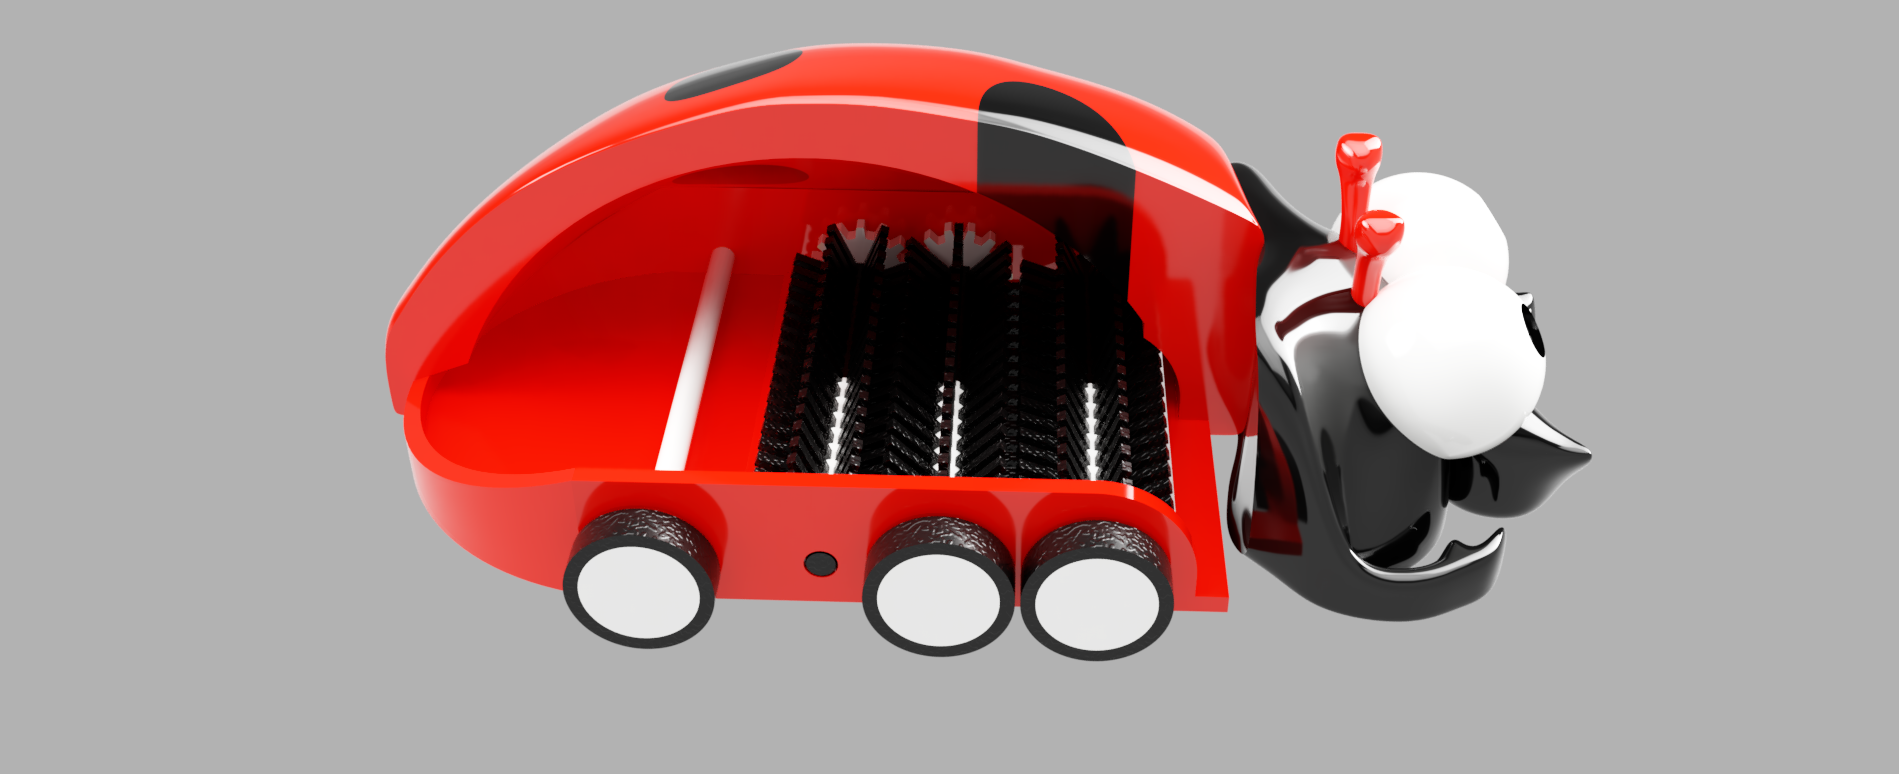 ramasse_mietes coupe.png Télécharger fichier STL coccinelle ramasse miettes • Plan pour impression 3D, micaldez